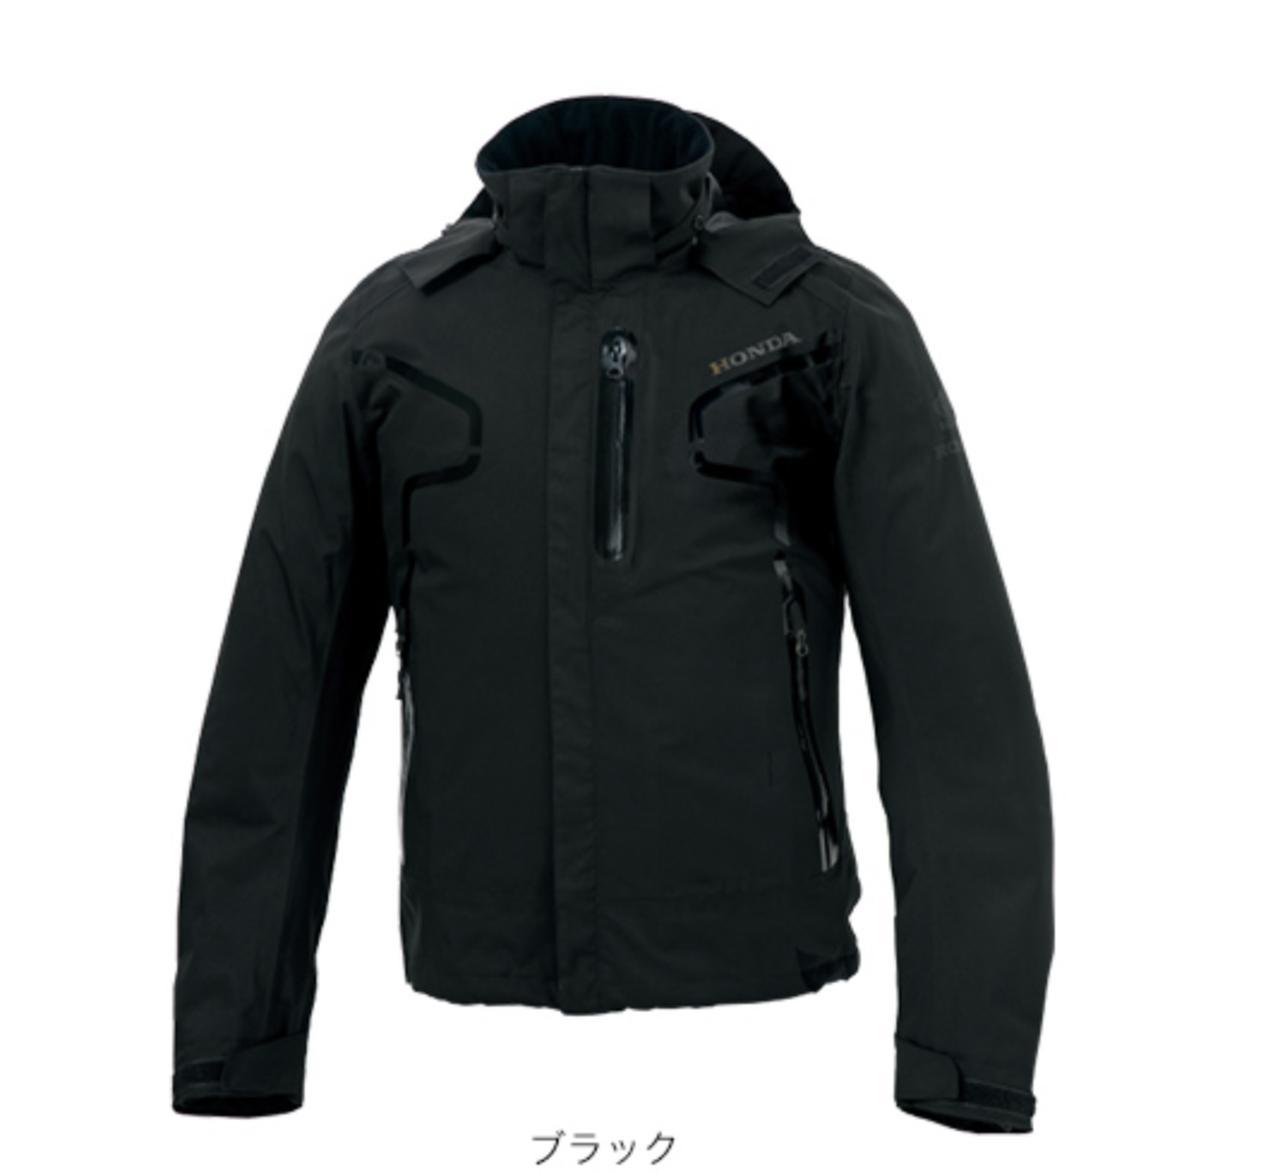 画像: Hondaライディングギア/ストリートパーカー/ブラック ¥23,000 +税(Size:S,M,L,LL) ¥24,000 +税(Size:3L,4L) www.honda.co.jp